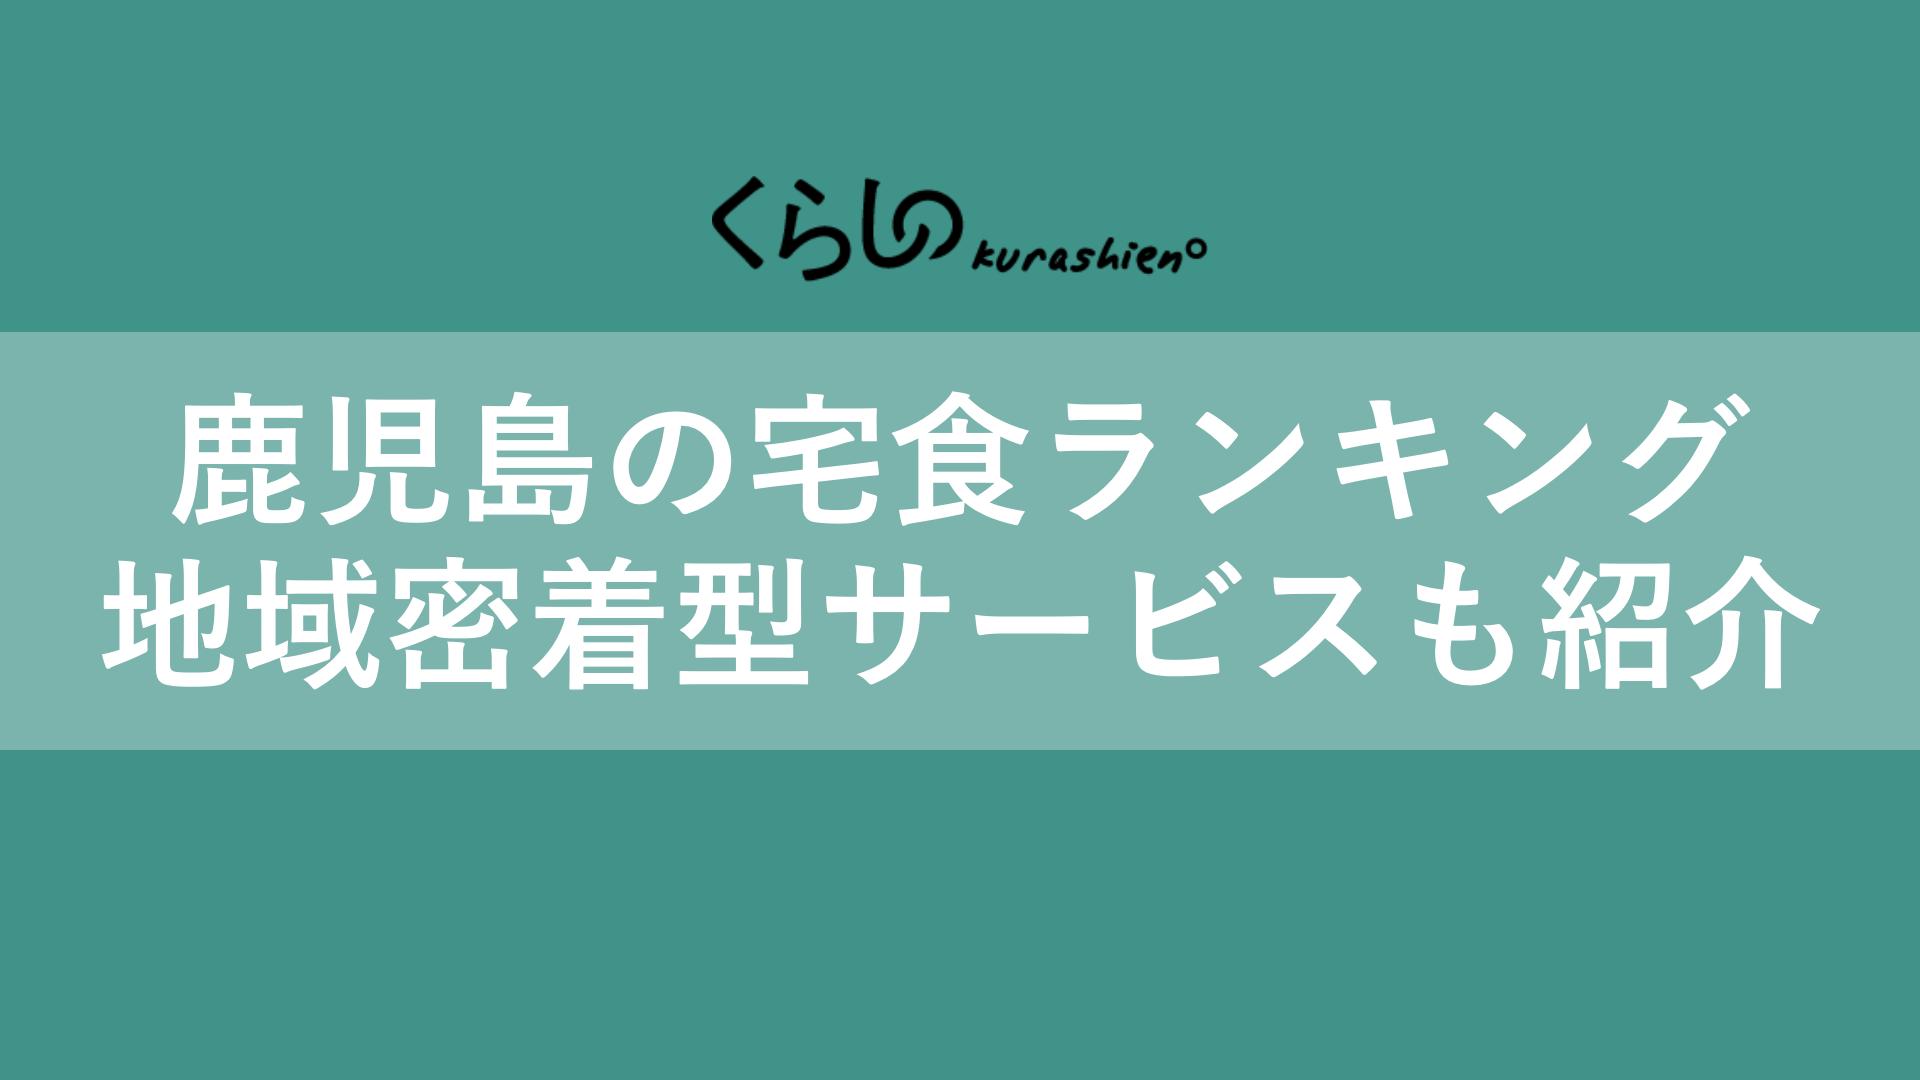 鹿児島県の宅食サービス・宅配弁当おすすめランキング!地域密着型サービスも紹介